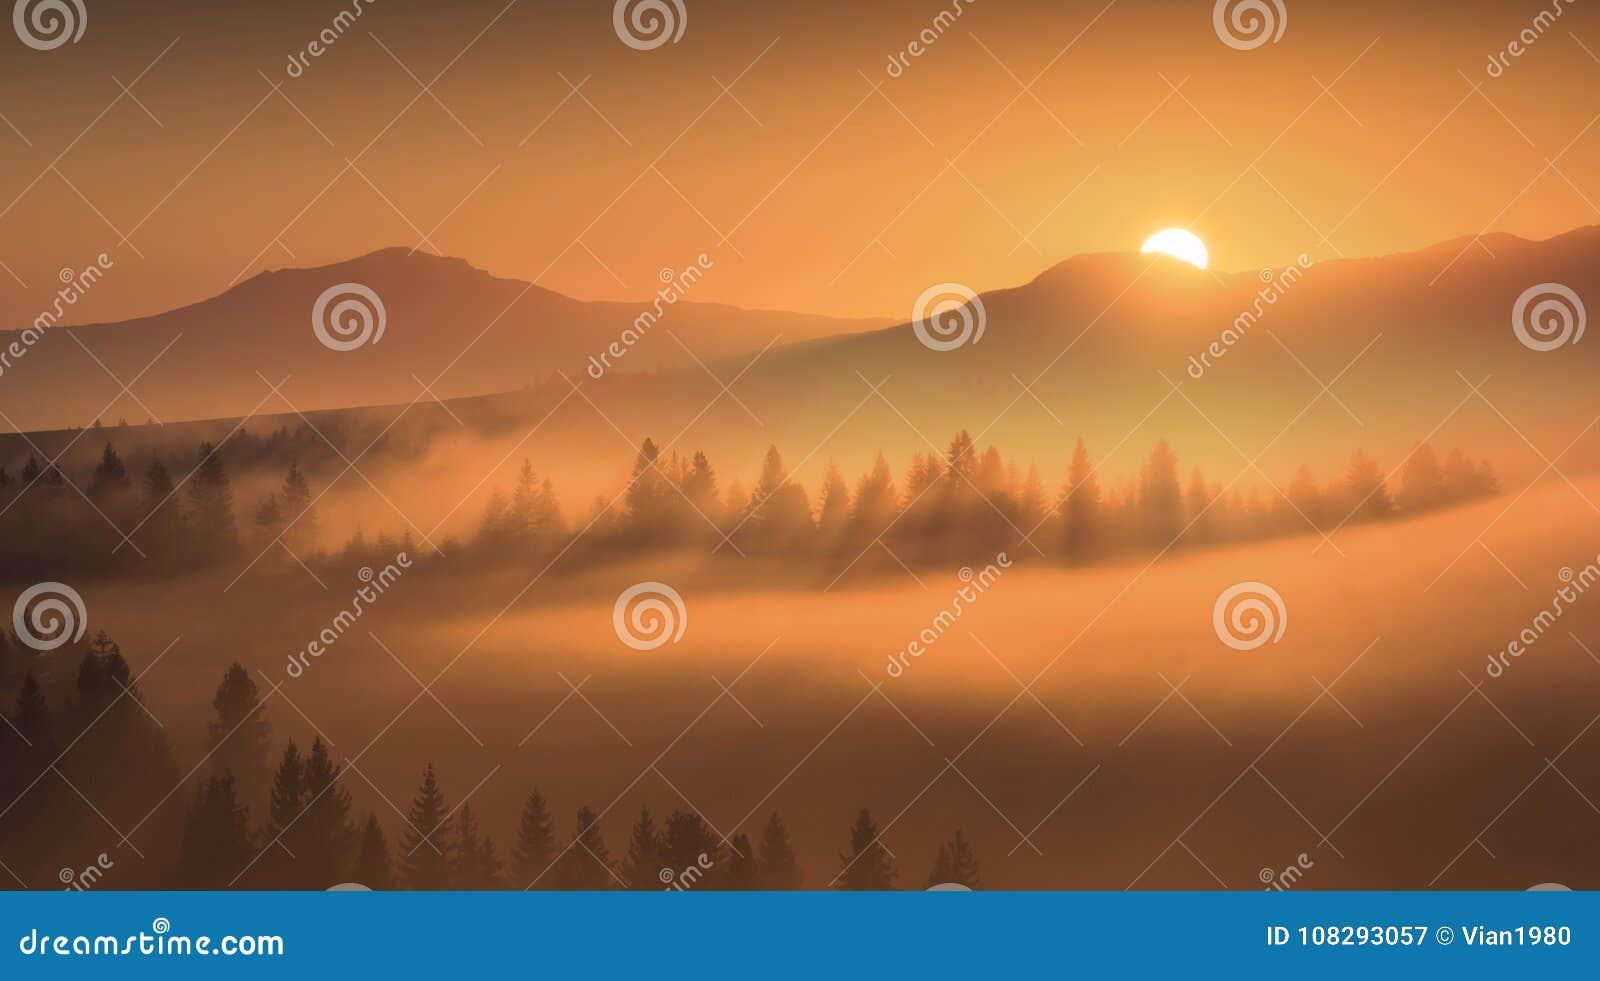 Erste goldene Strahlen des aufgehende Sonne